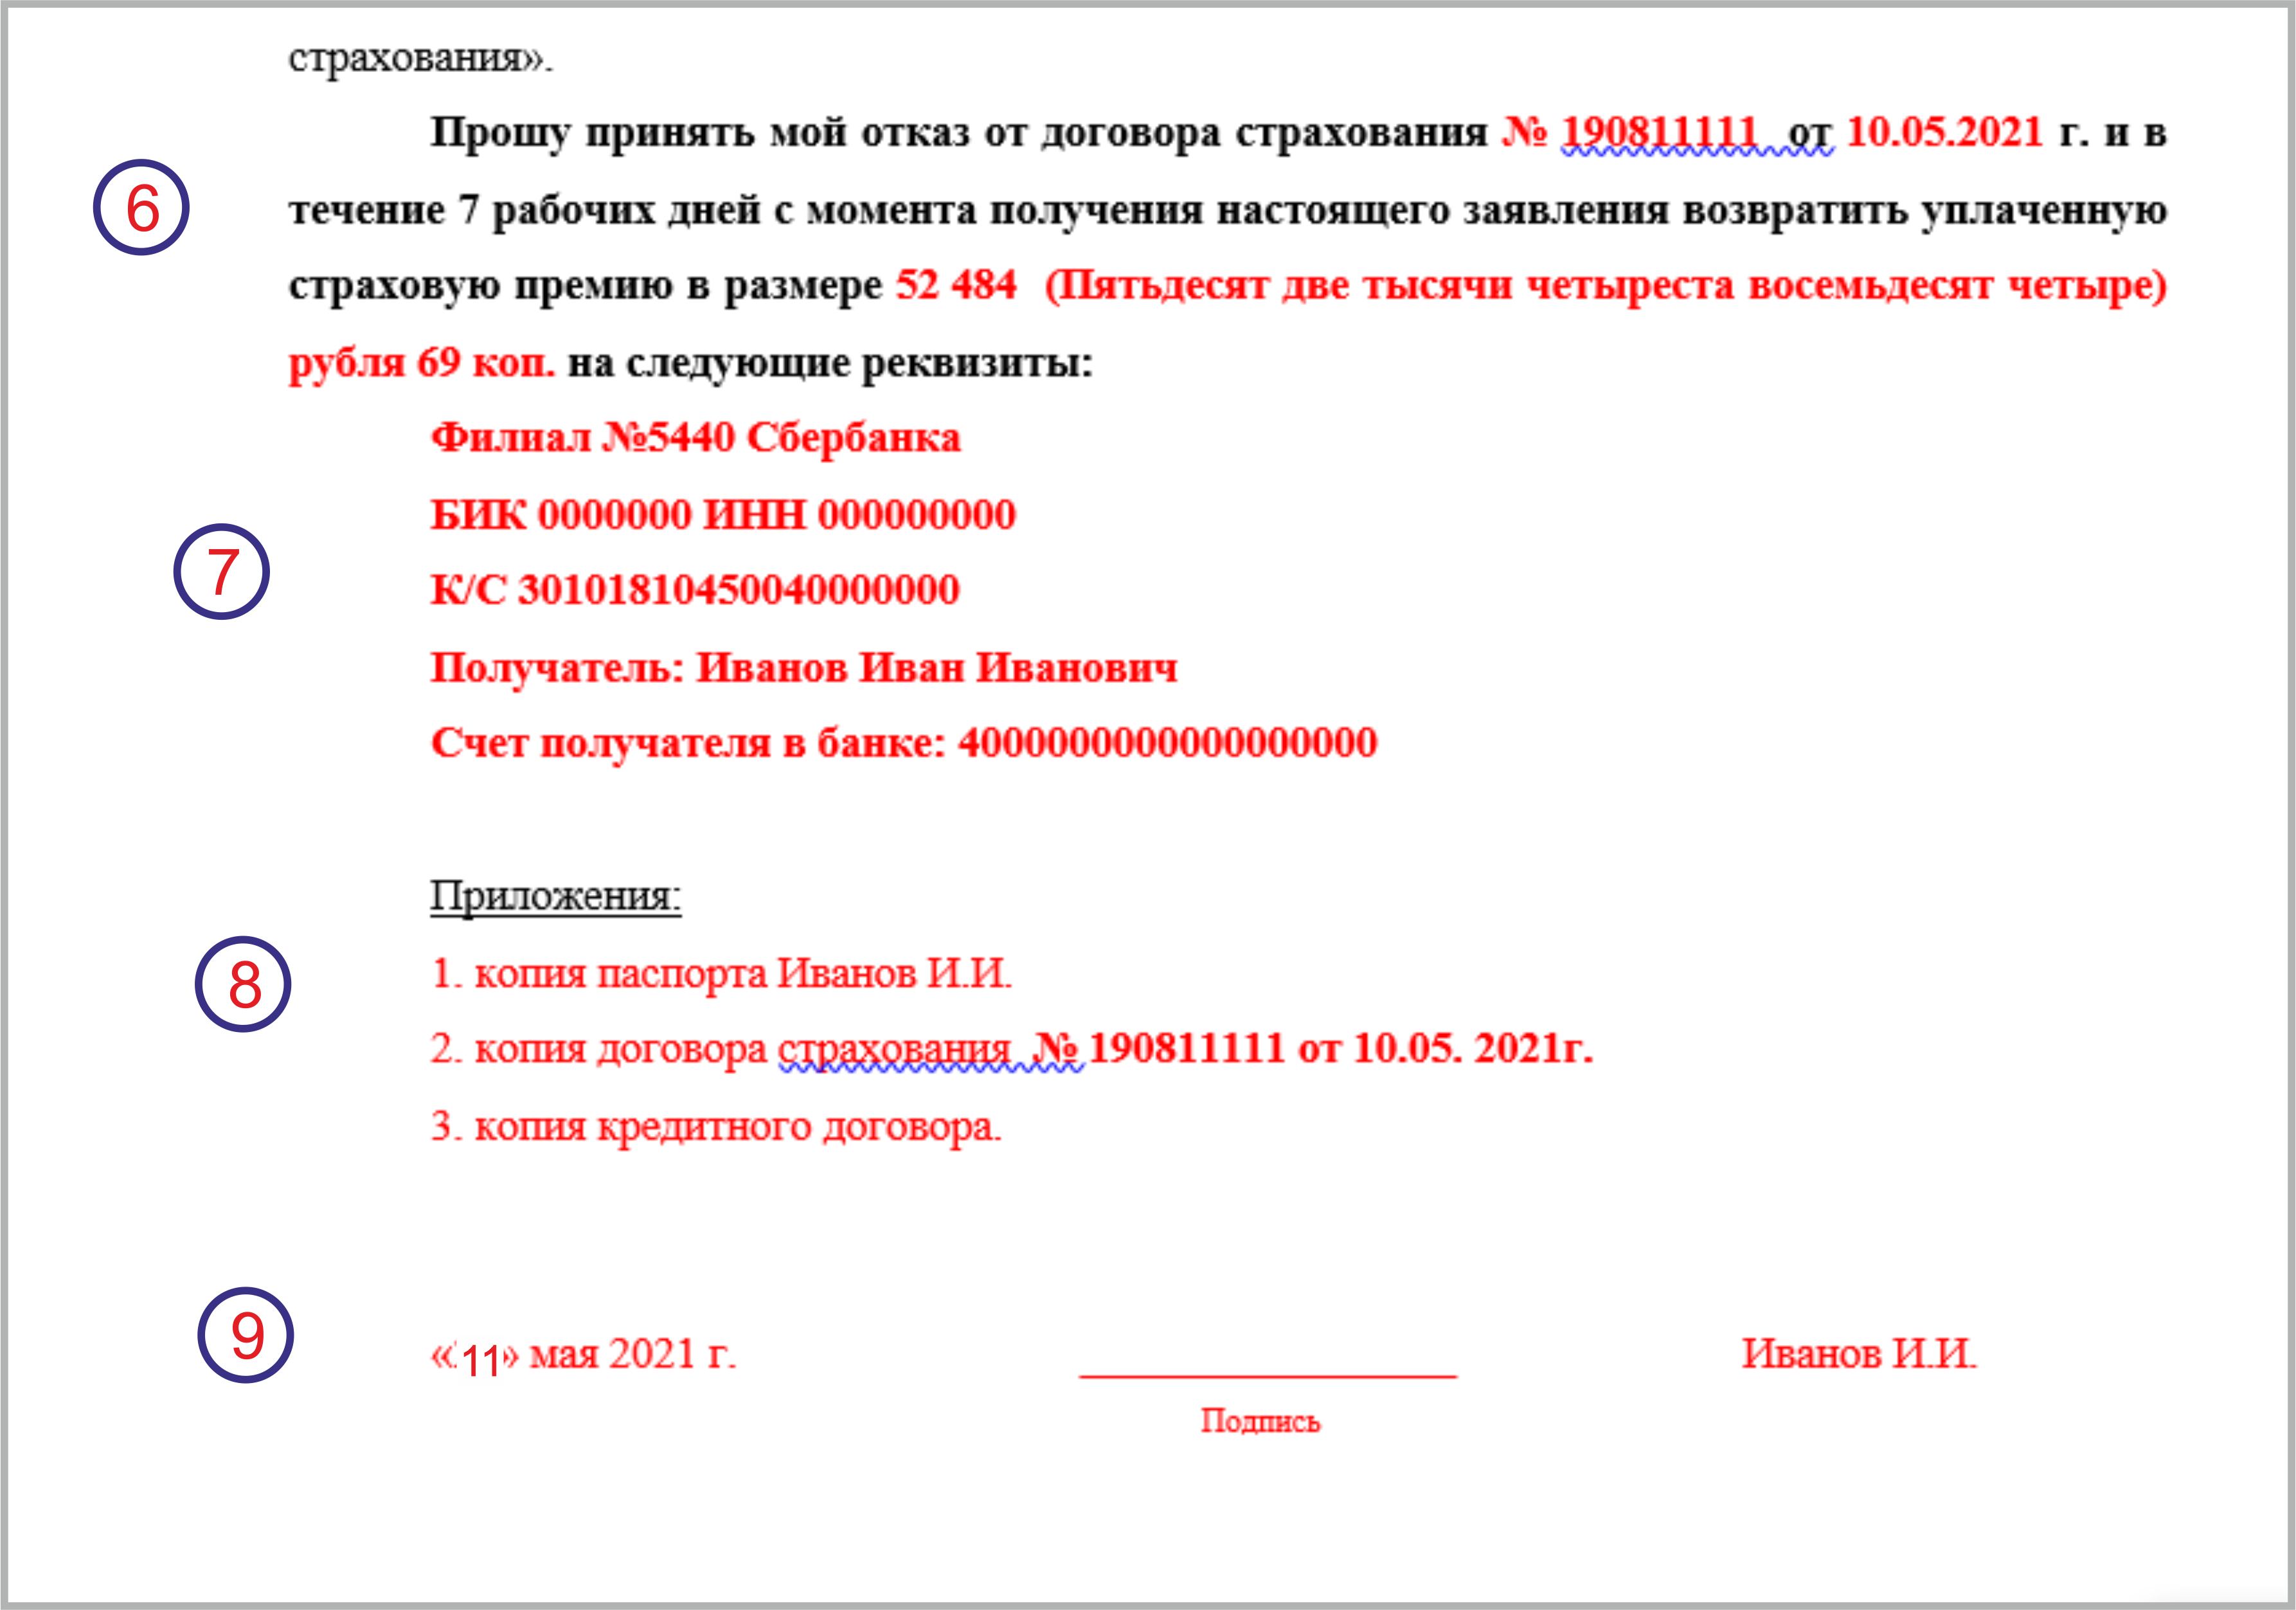 Как вернуть страховку по кредиту Газпромбанка: пошаговая инструкция, образец и бланк заявления